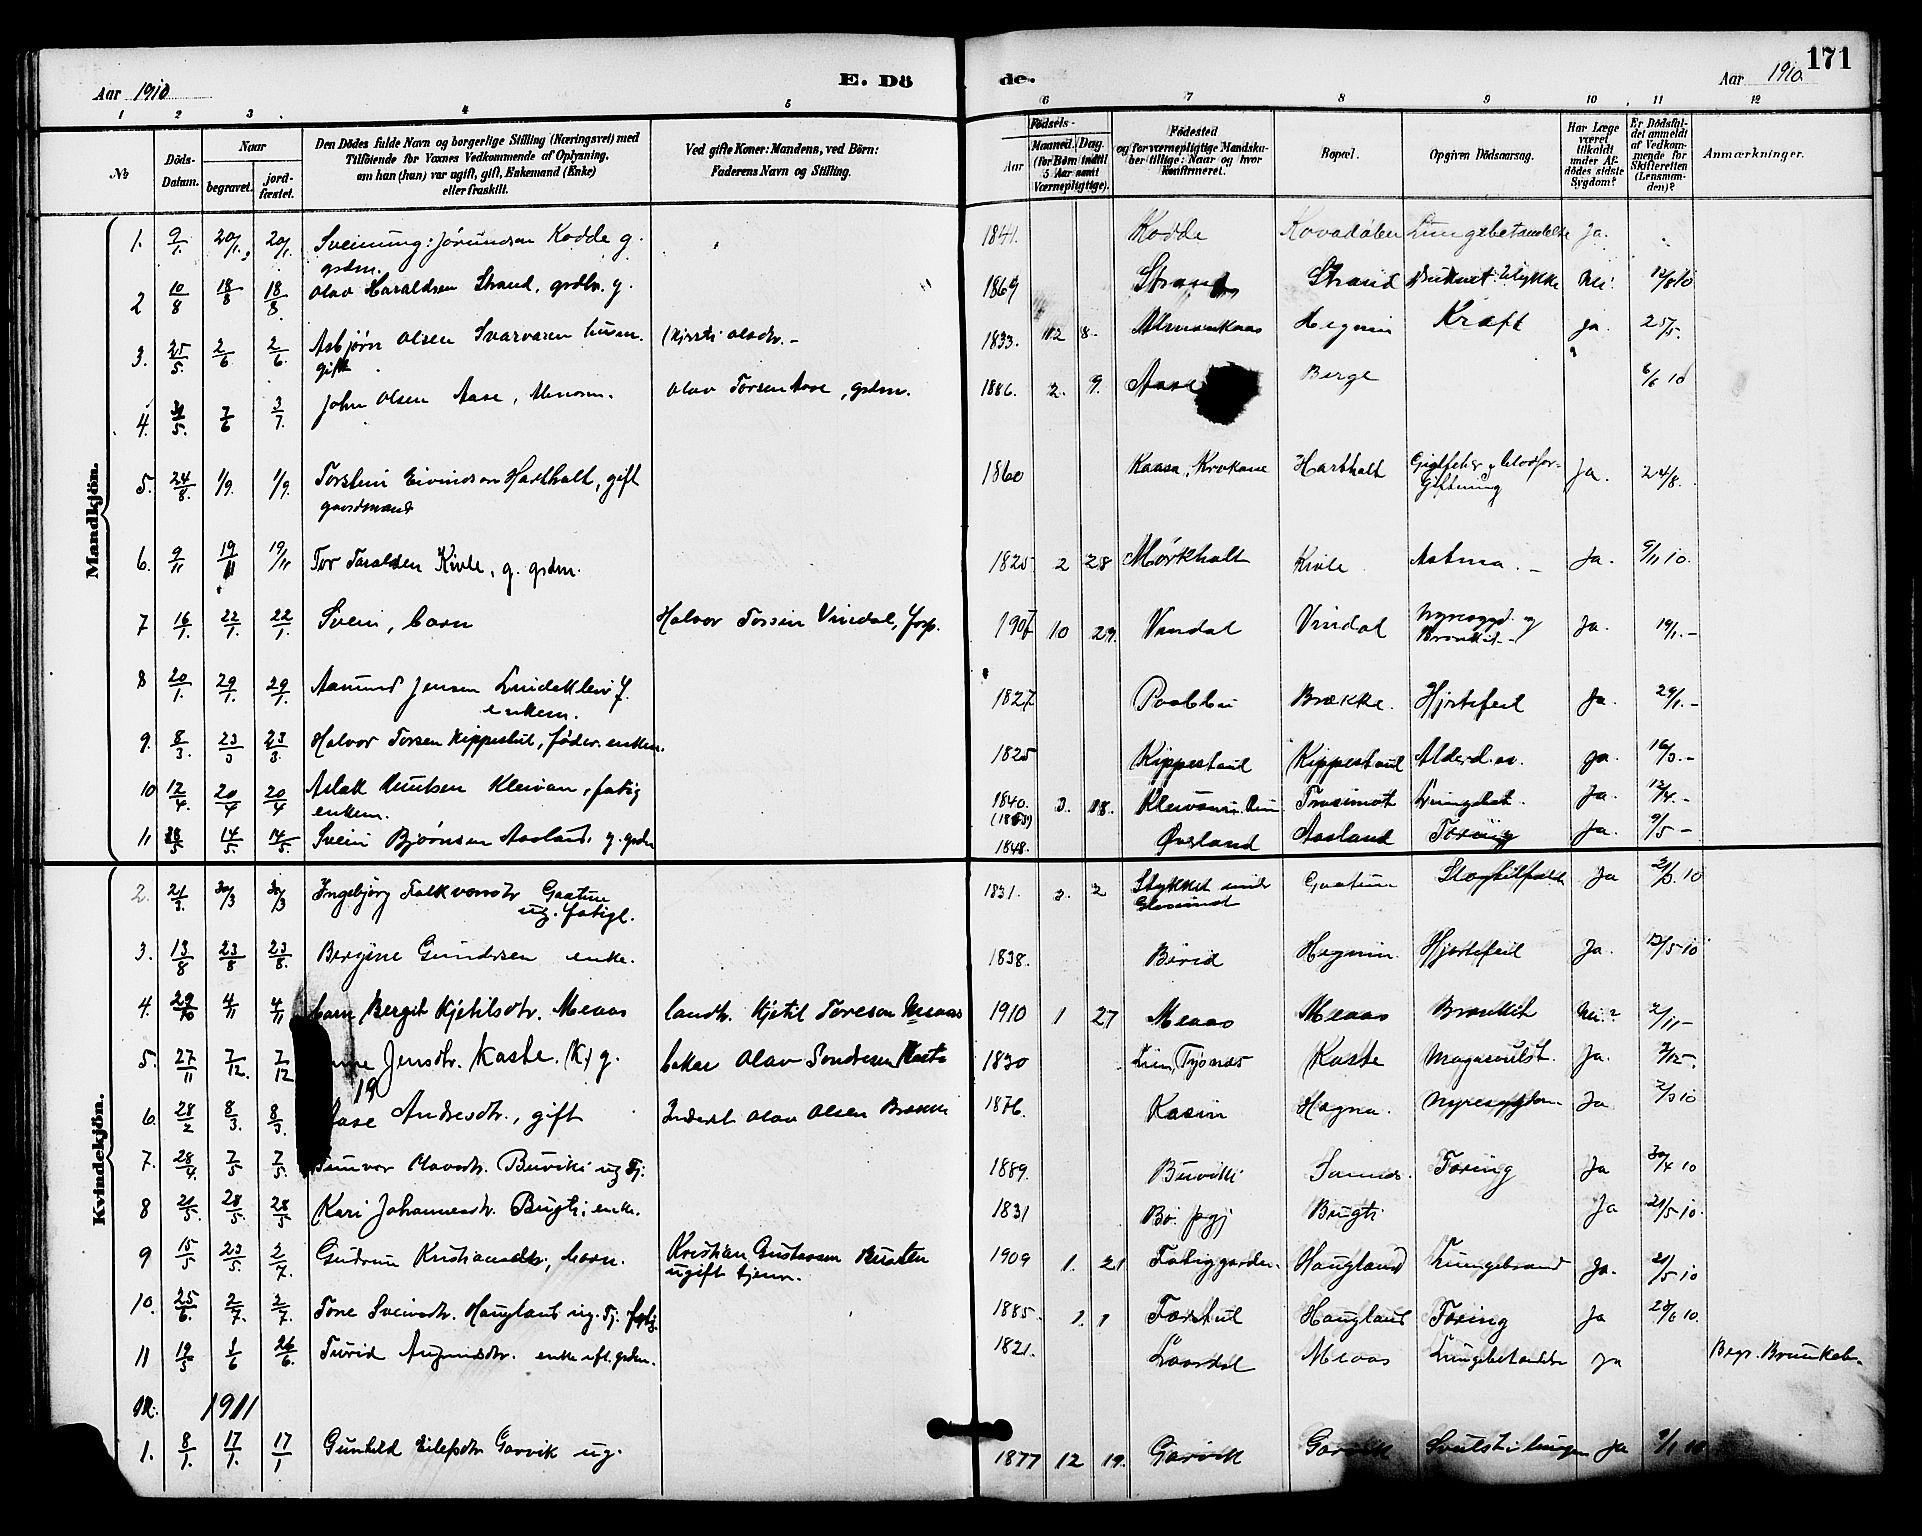 SAKO, Seljord kirkebøker, G/Ga/L0005: Klokkerbok nr. I 5, 1887-1914, s. 171